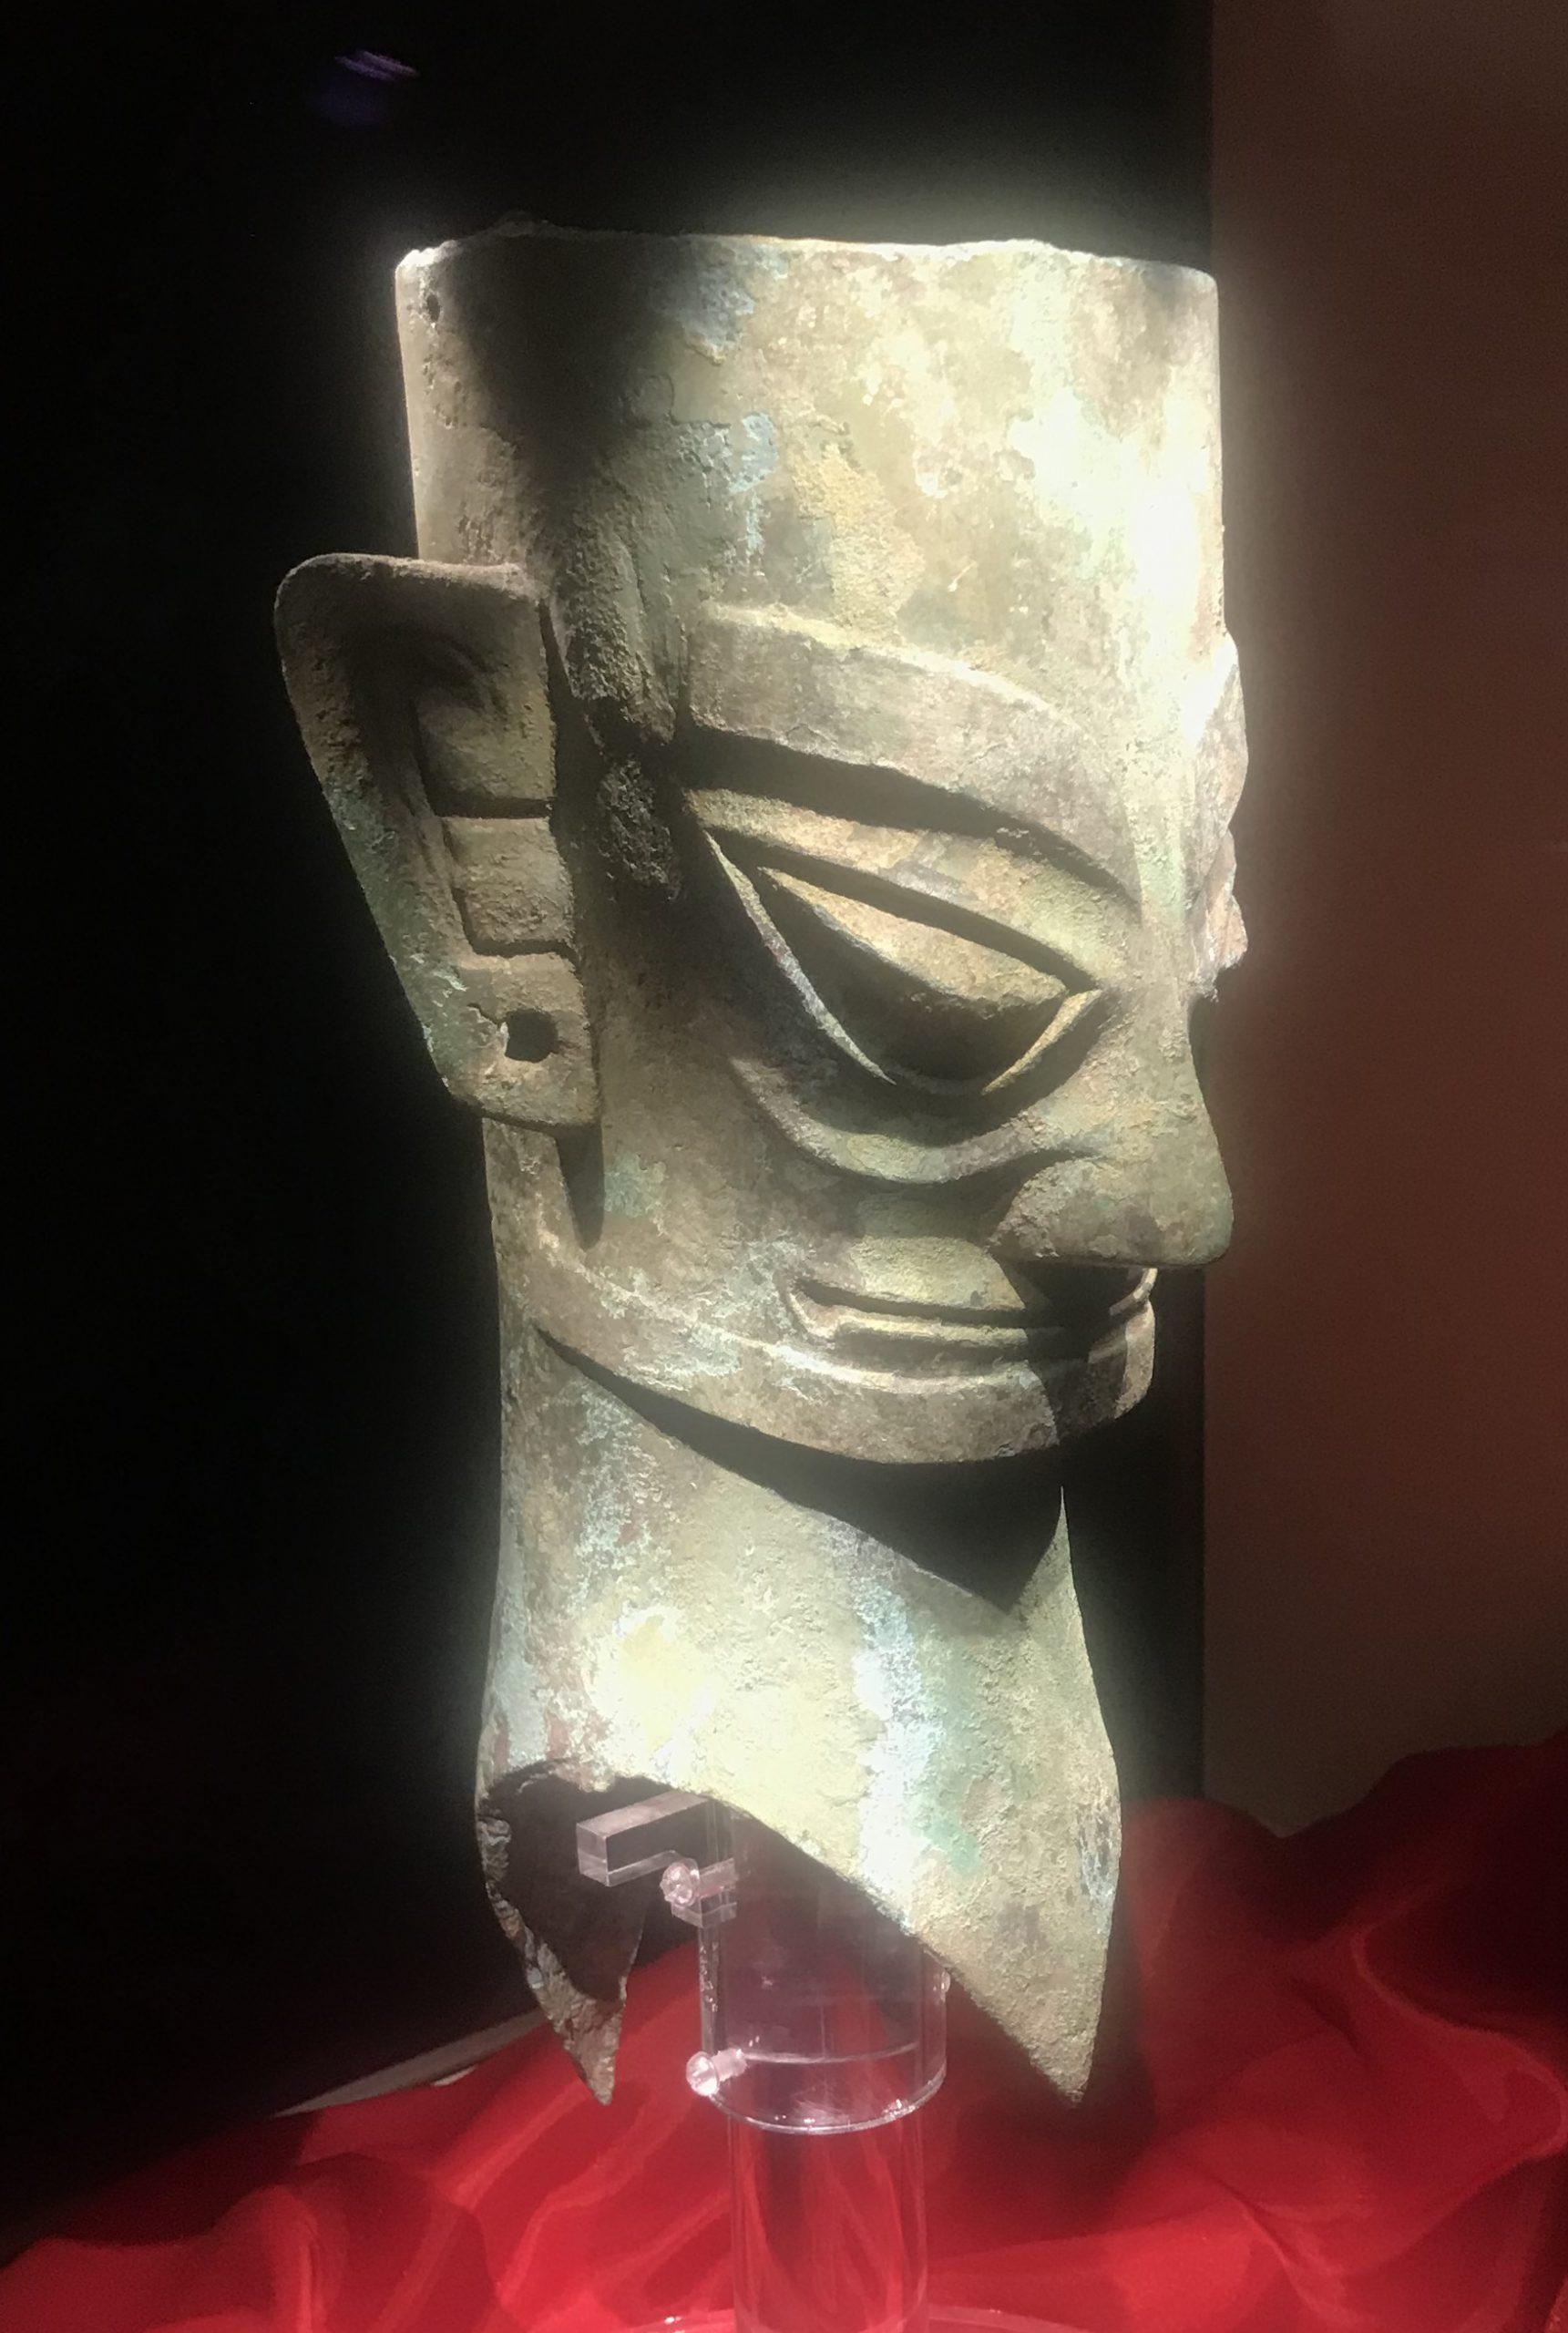 青銅人頭像16-青銅器館-三星堆博物館-広漢市-徳陽市-四川省